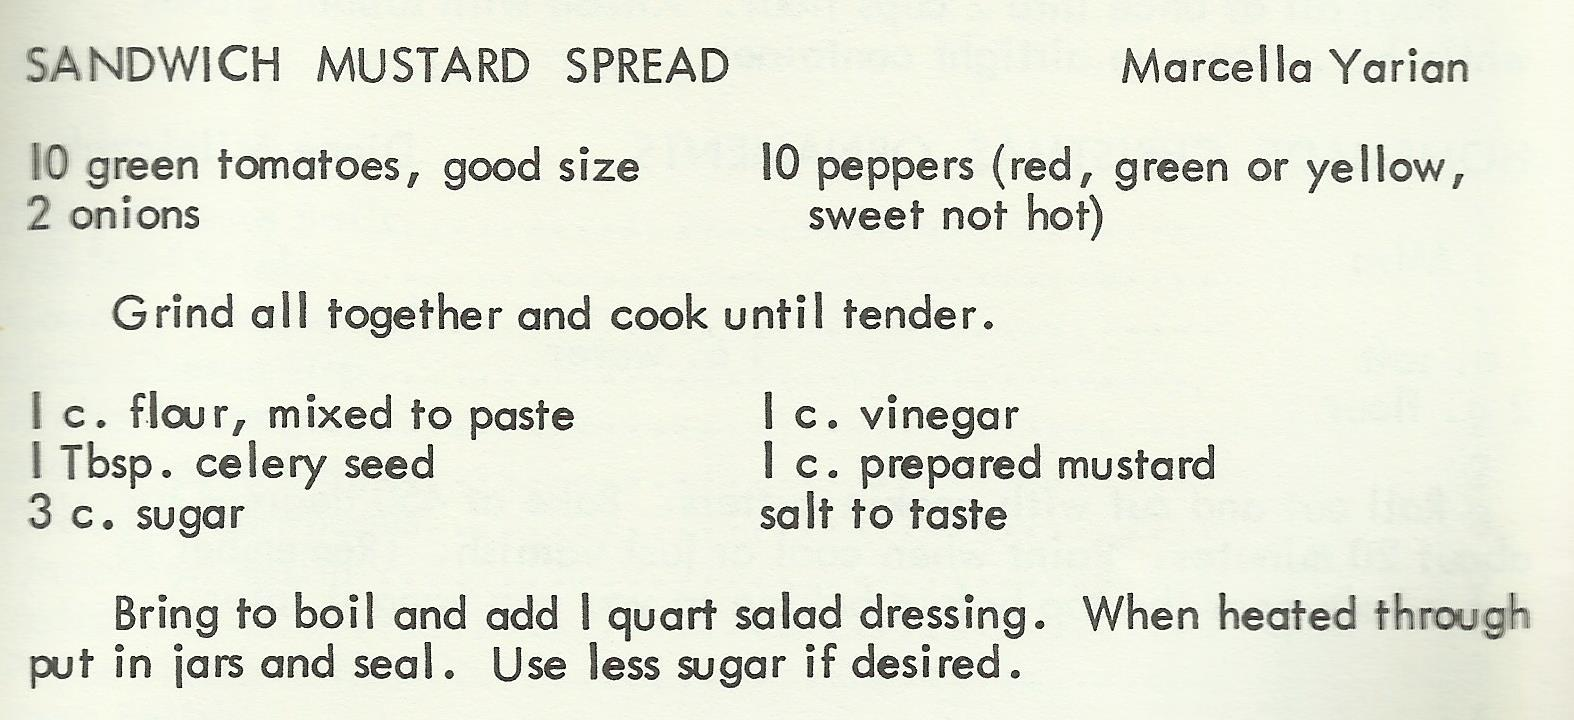 Sandwich Mustard Spread